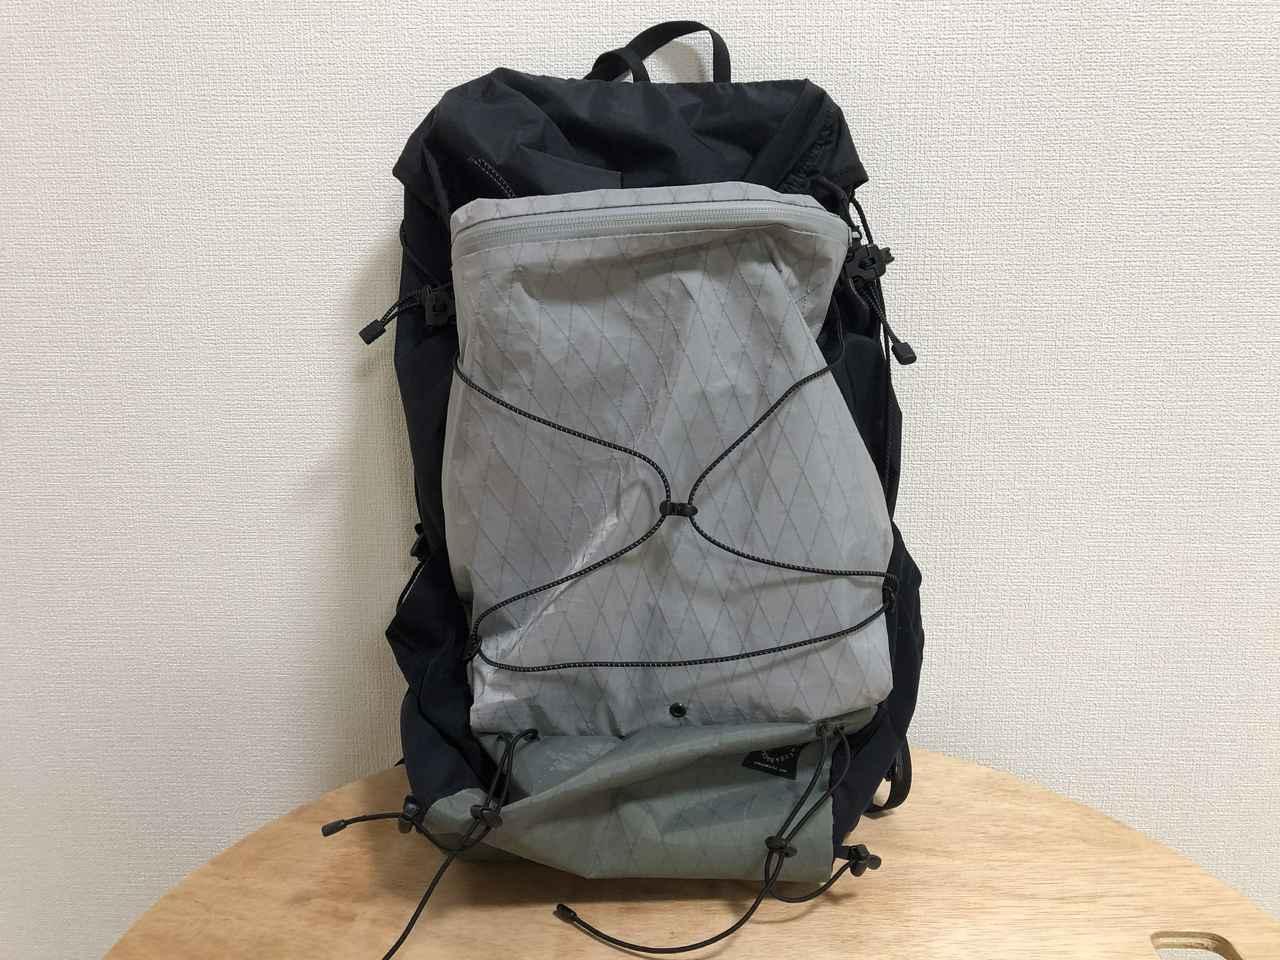 画像: 筆者撮影 筆者が使用しているザック「山と道 mini」にもX-PACは使用されています。